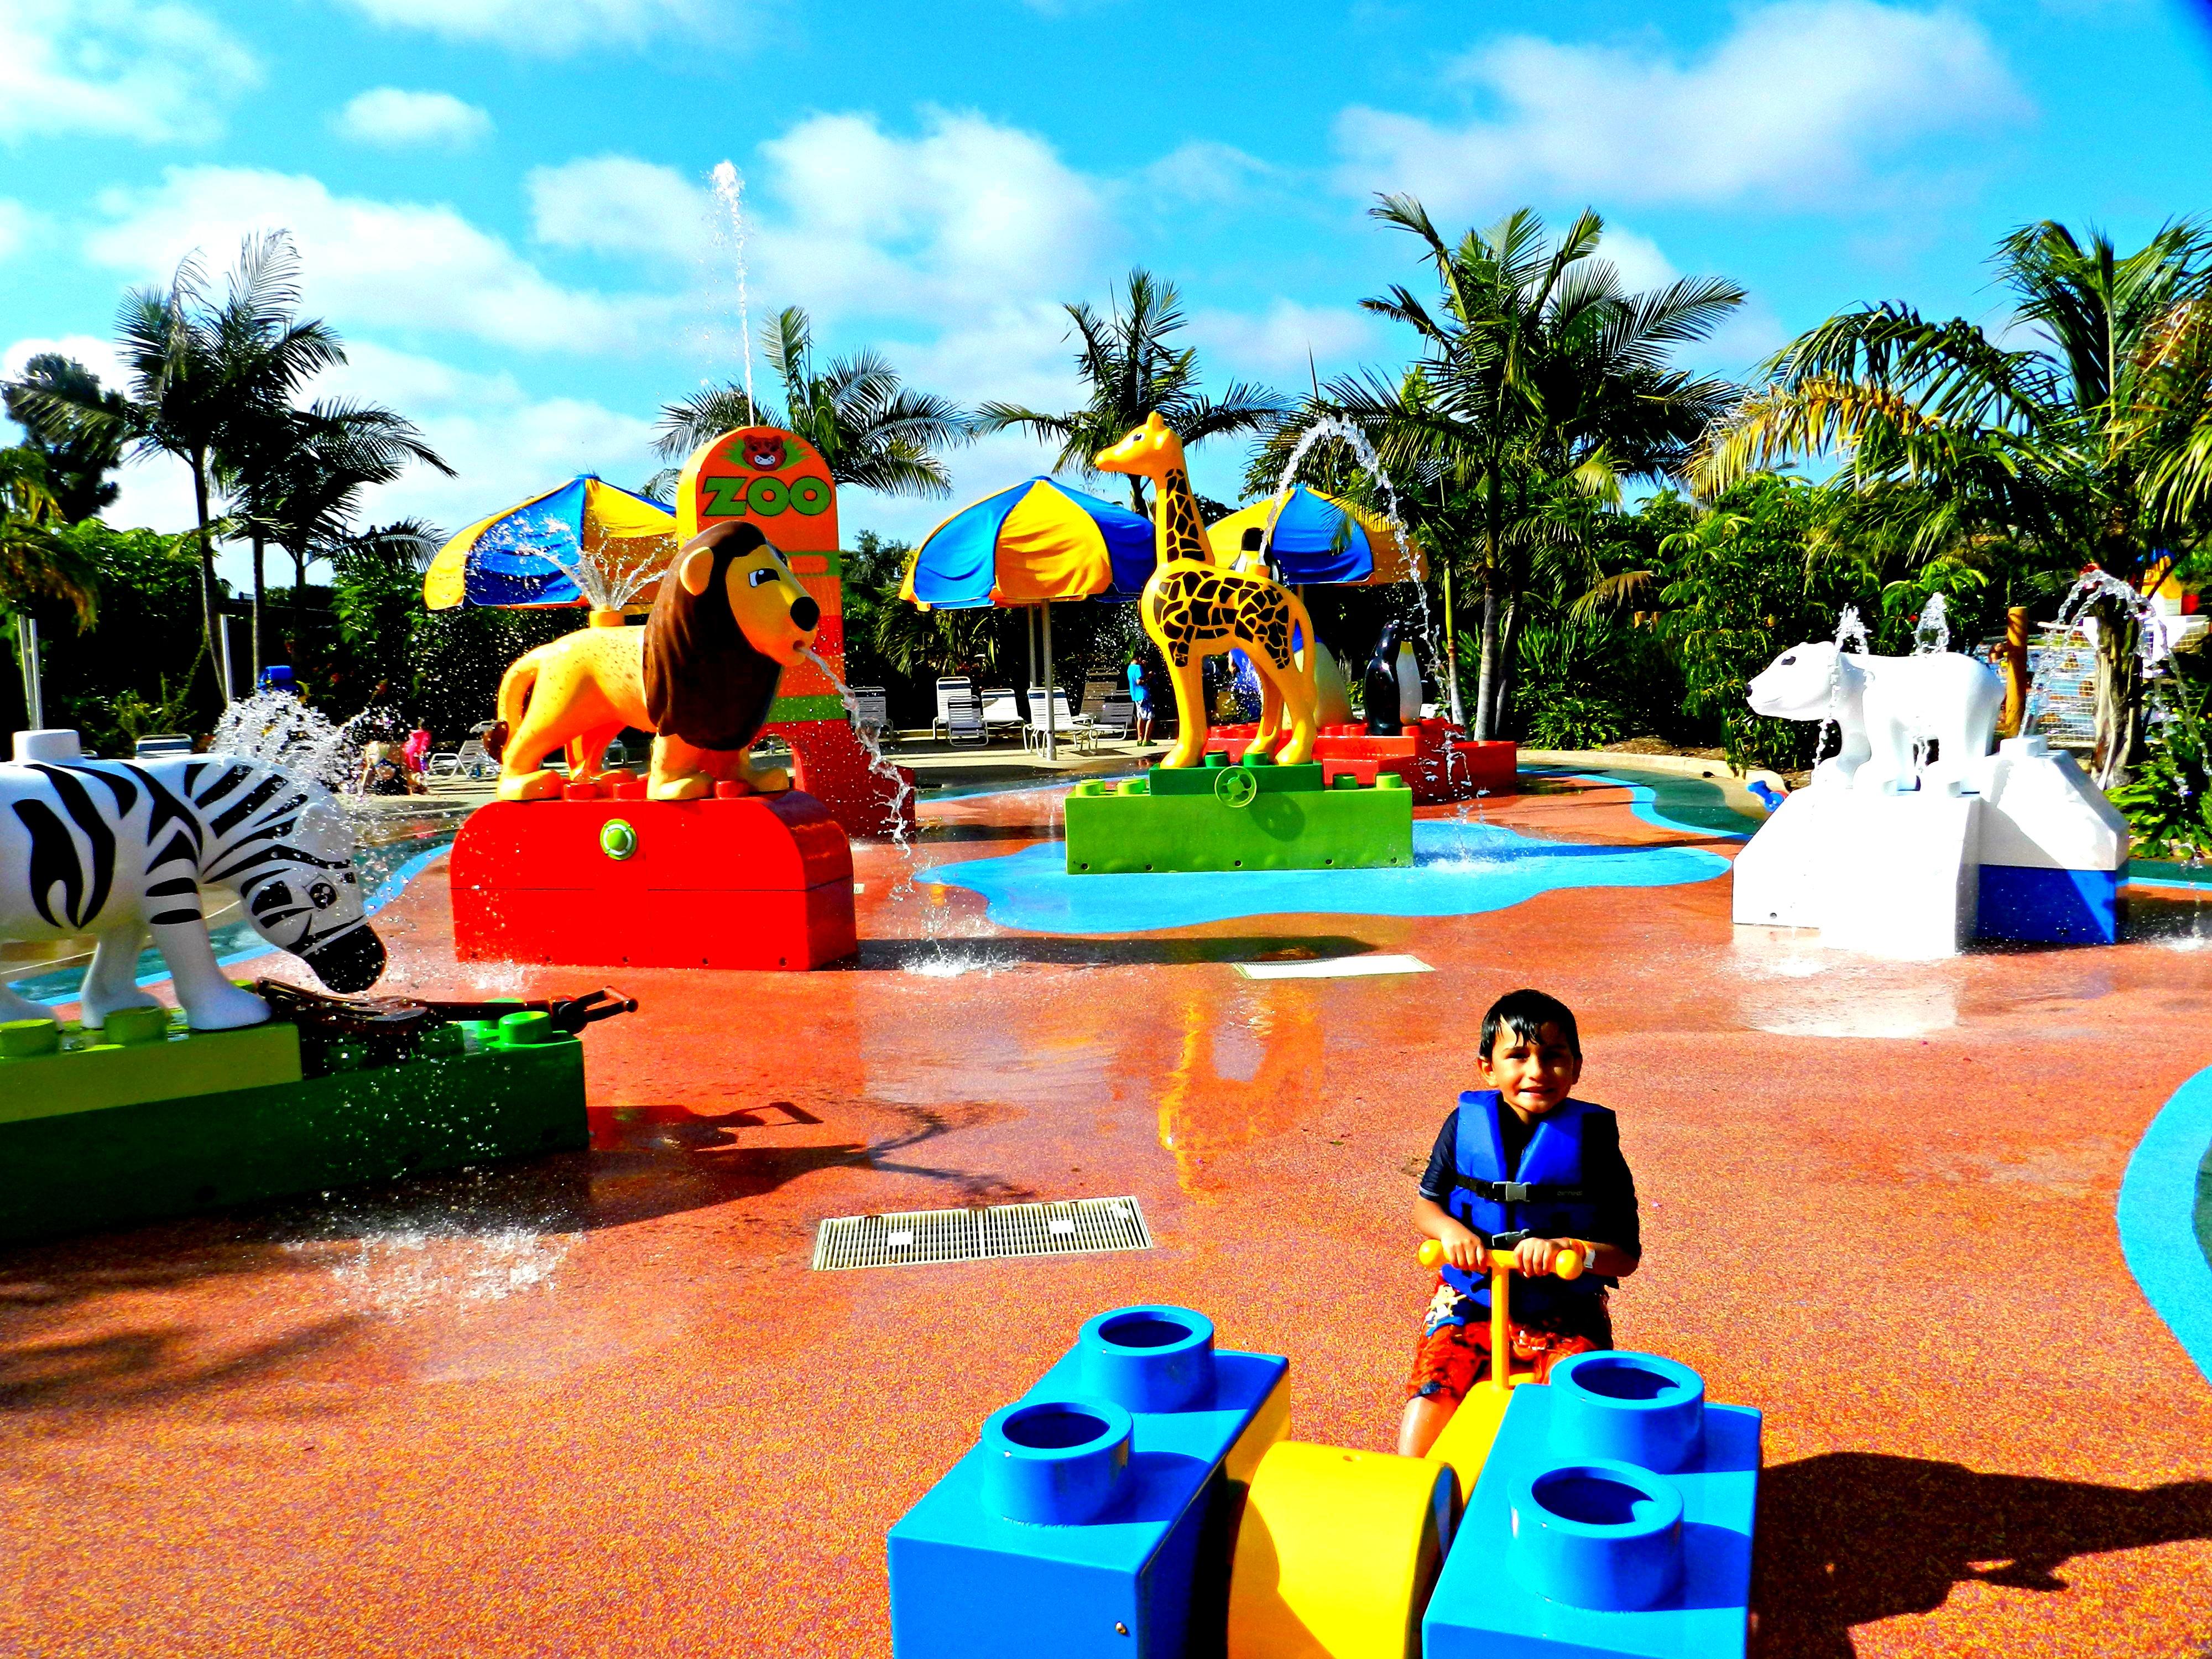 Refrescate En Legoland Water Park Mama Noticias